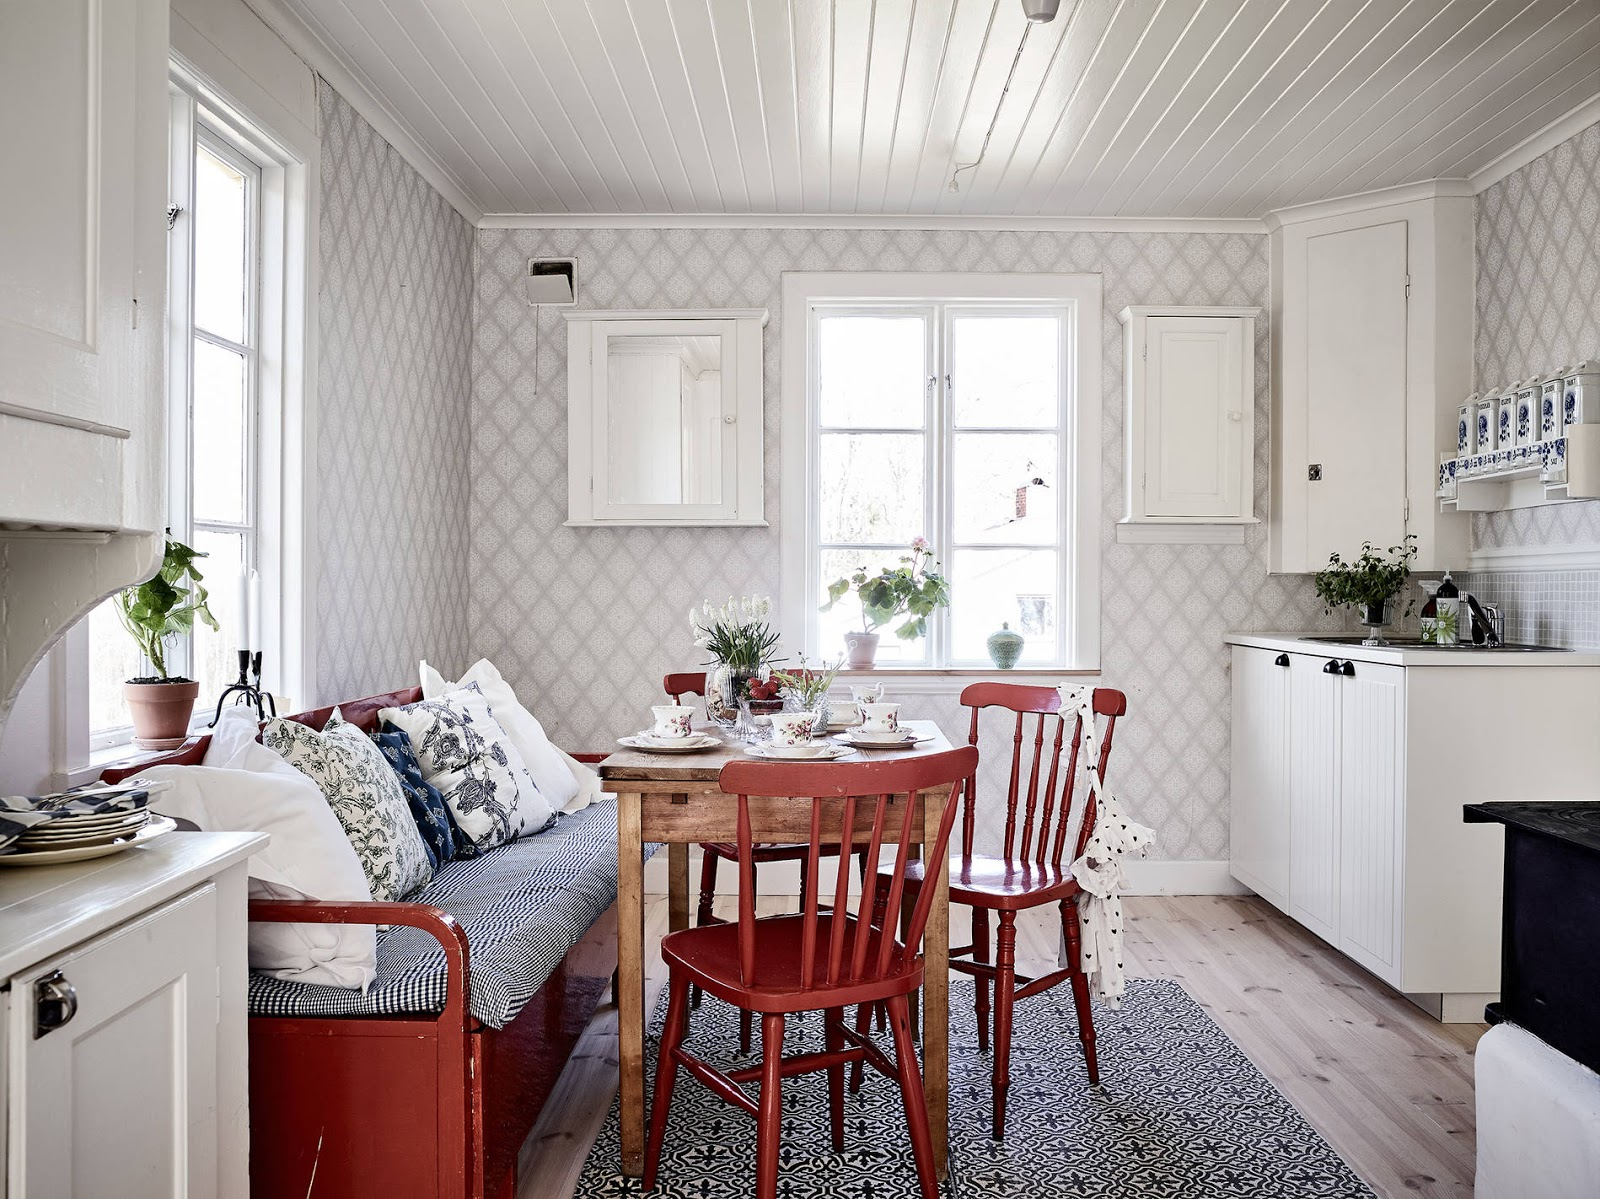 jak odnowić stary dom, ikea, krzesła vintage, czerwone krzesła